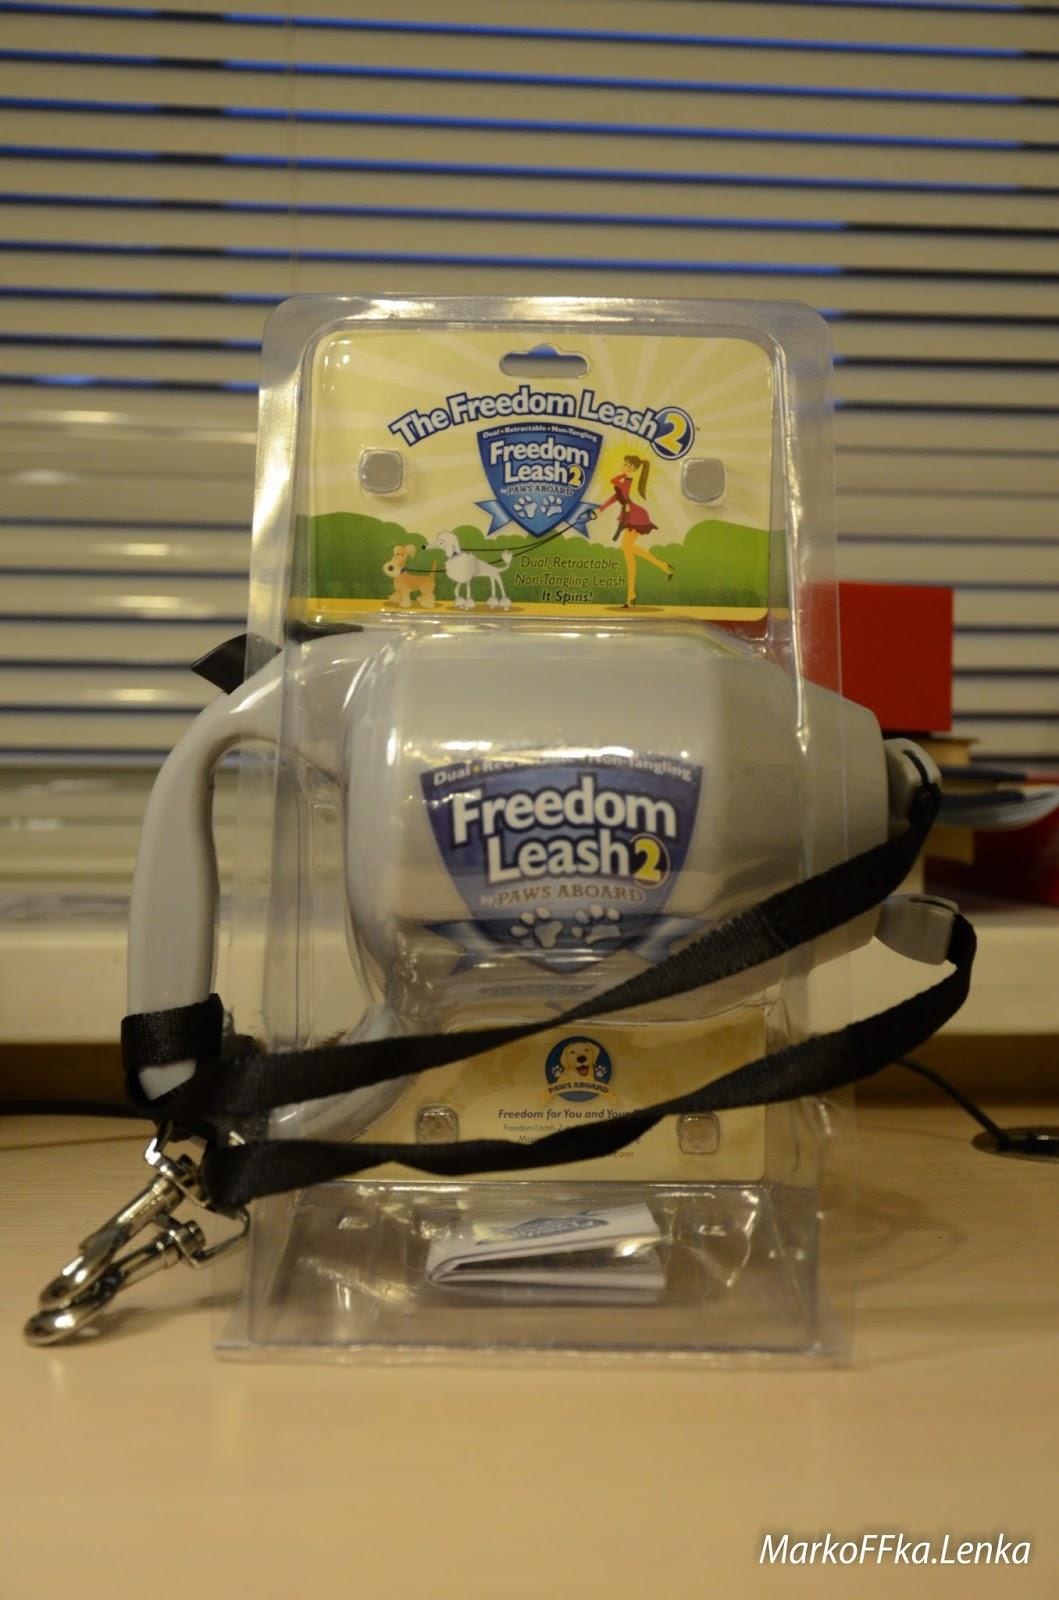 Рулетка для выгула двух собак freedom leash казино остров сокровищ в витебске вакансии